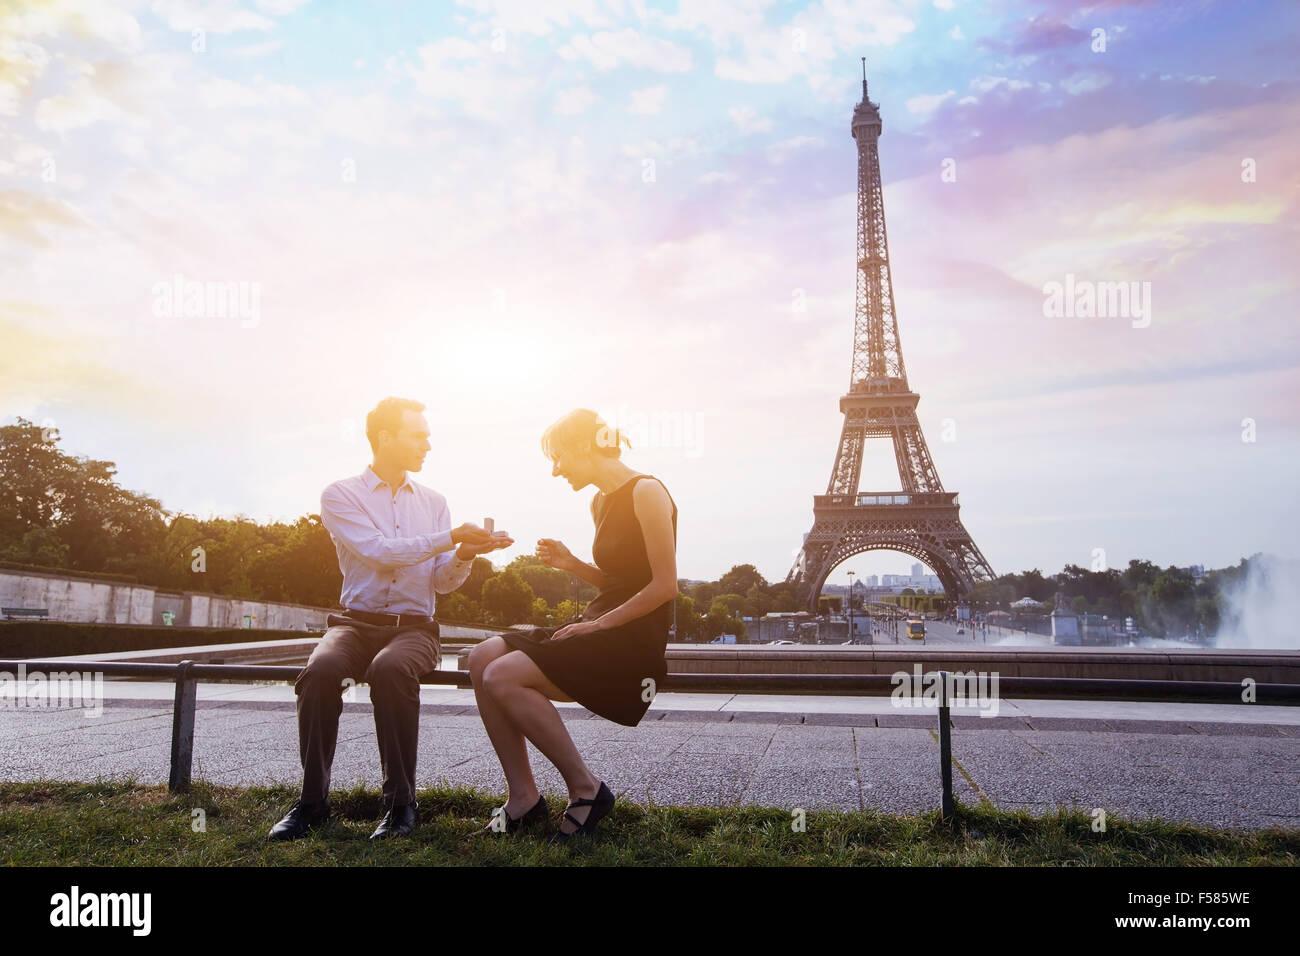 Sposarsi me, proposta alla Torre Eiffel a Parigi, belle sagome di giovane coppia caucasica Immagini Stock